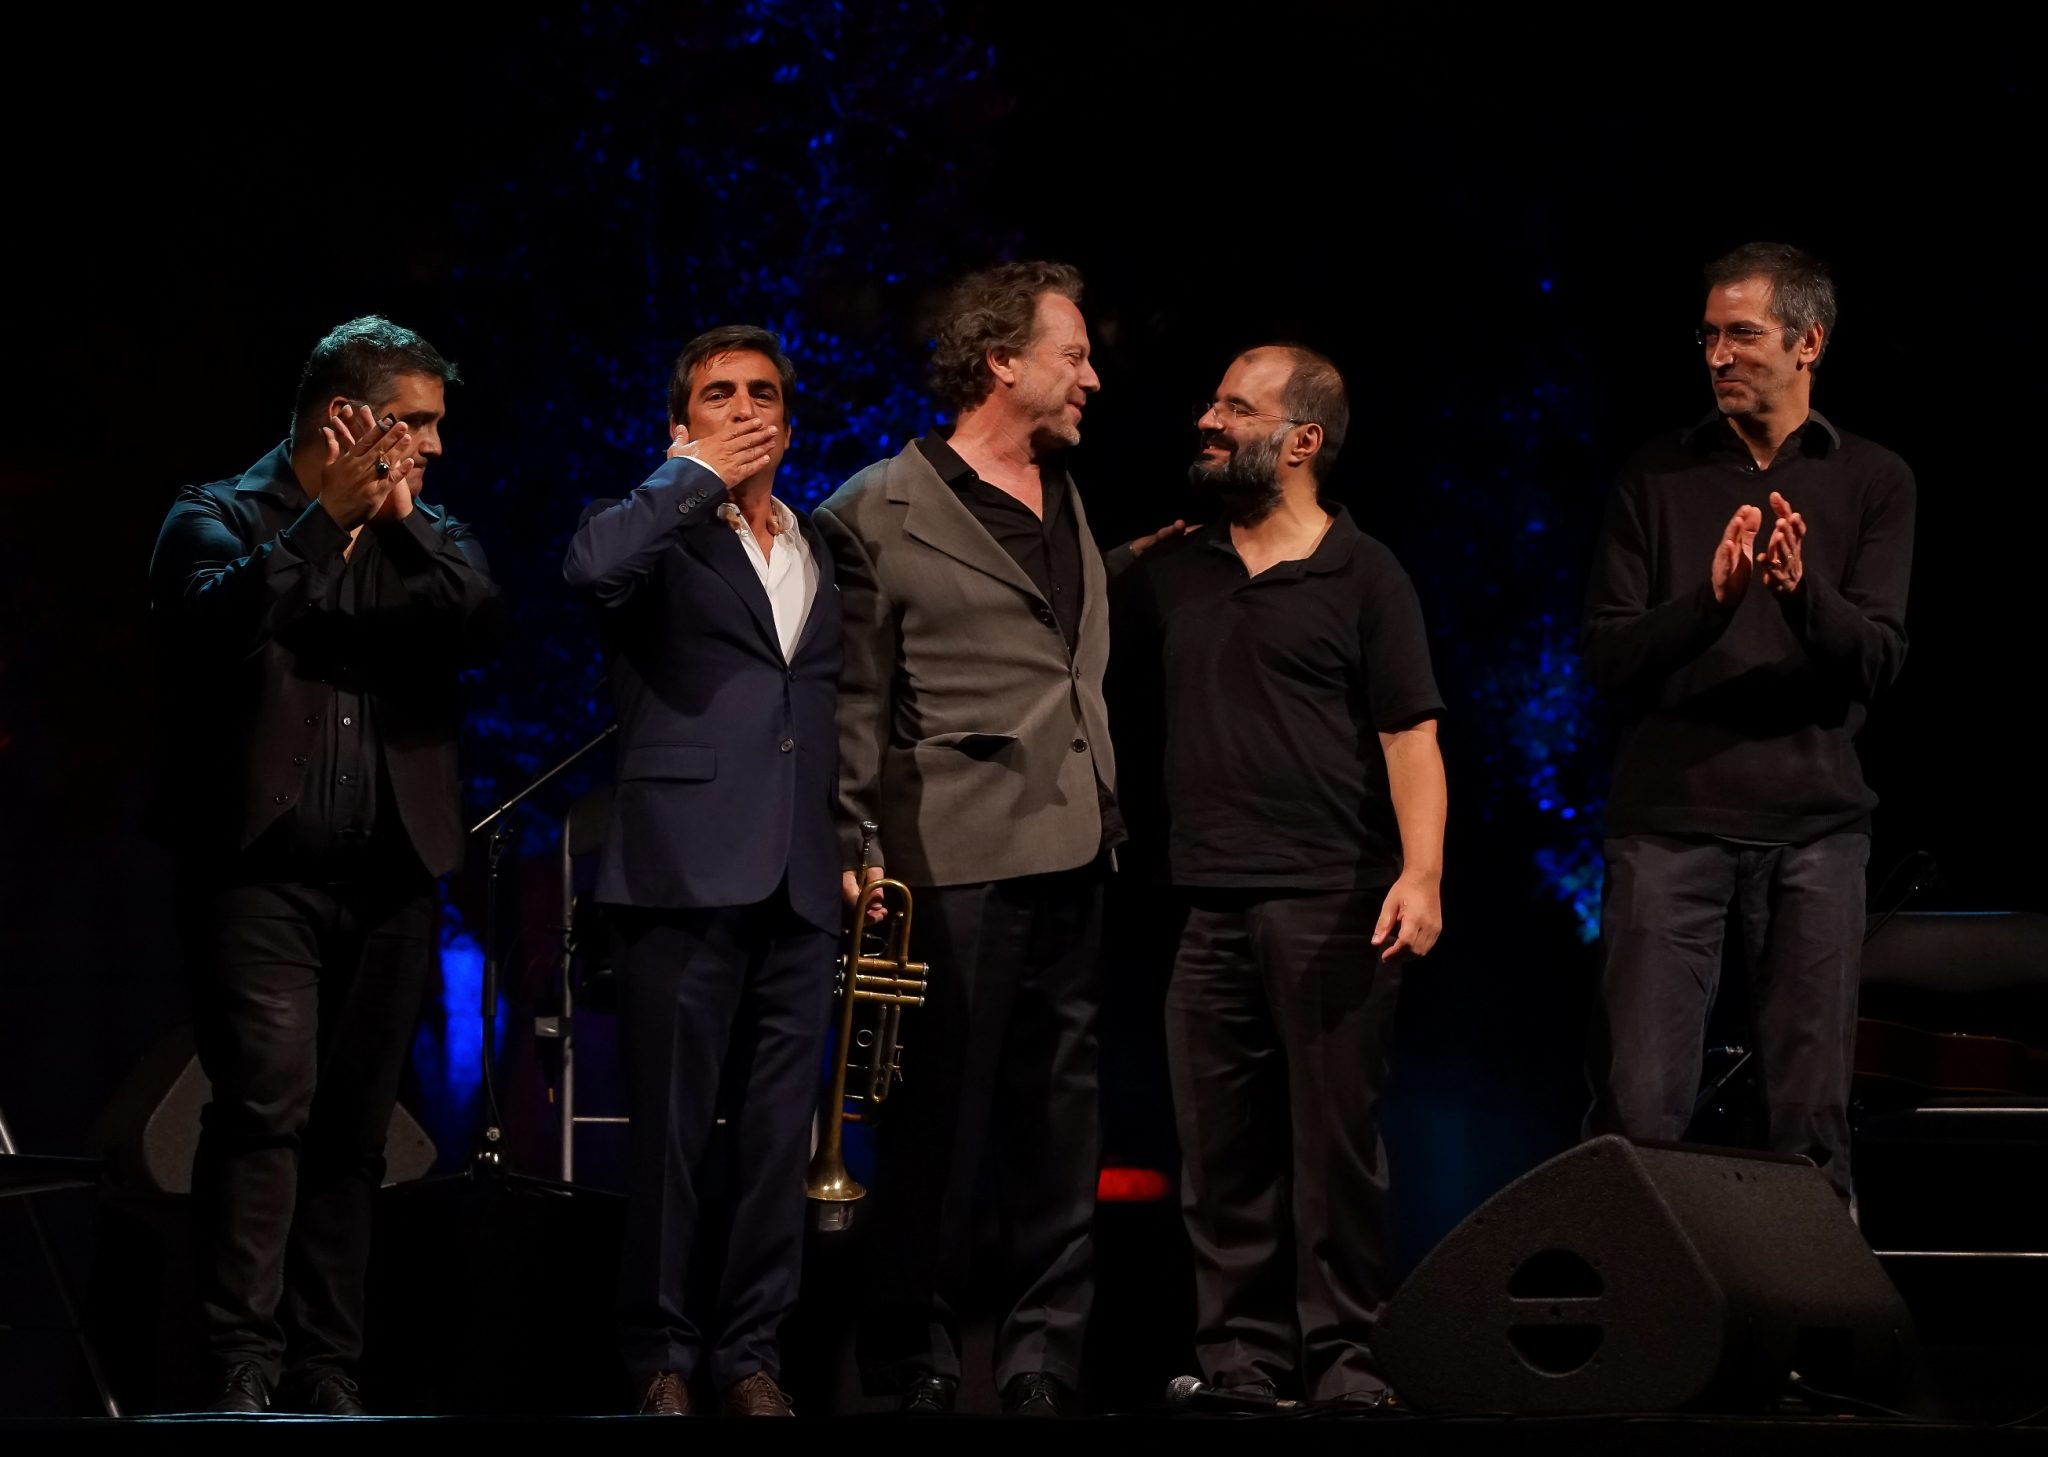 Camané e Laurent Filipe, rodeados pelos restantes músicos, agradecem os aplausos, abraçados no palco